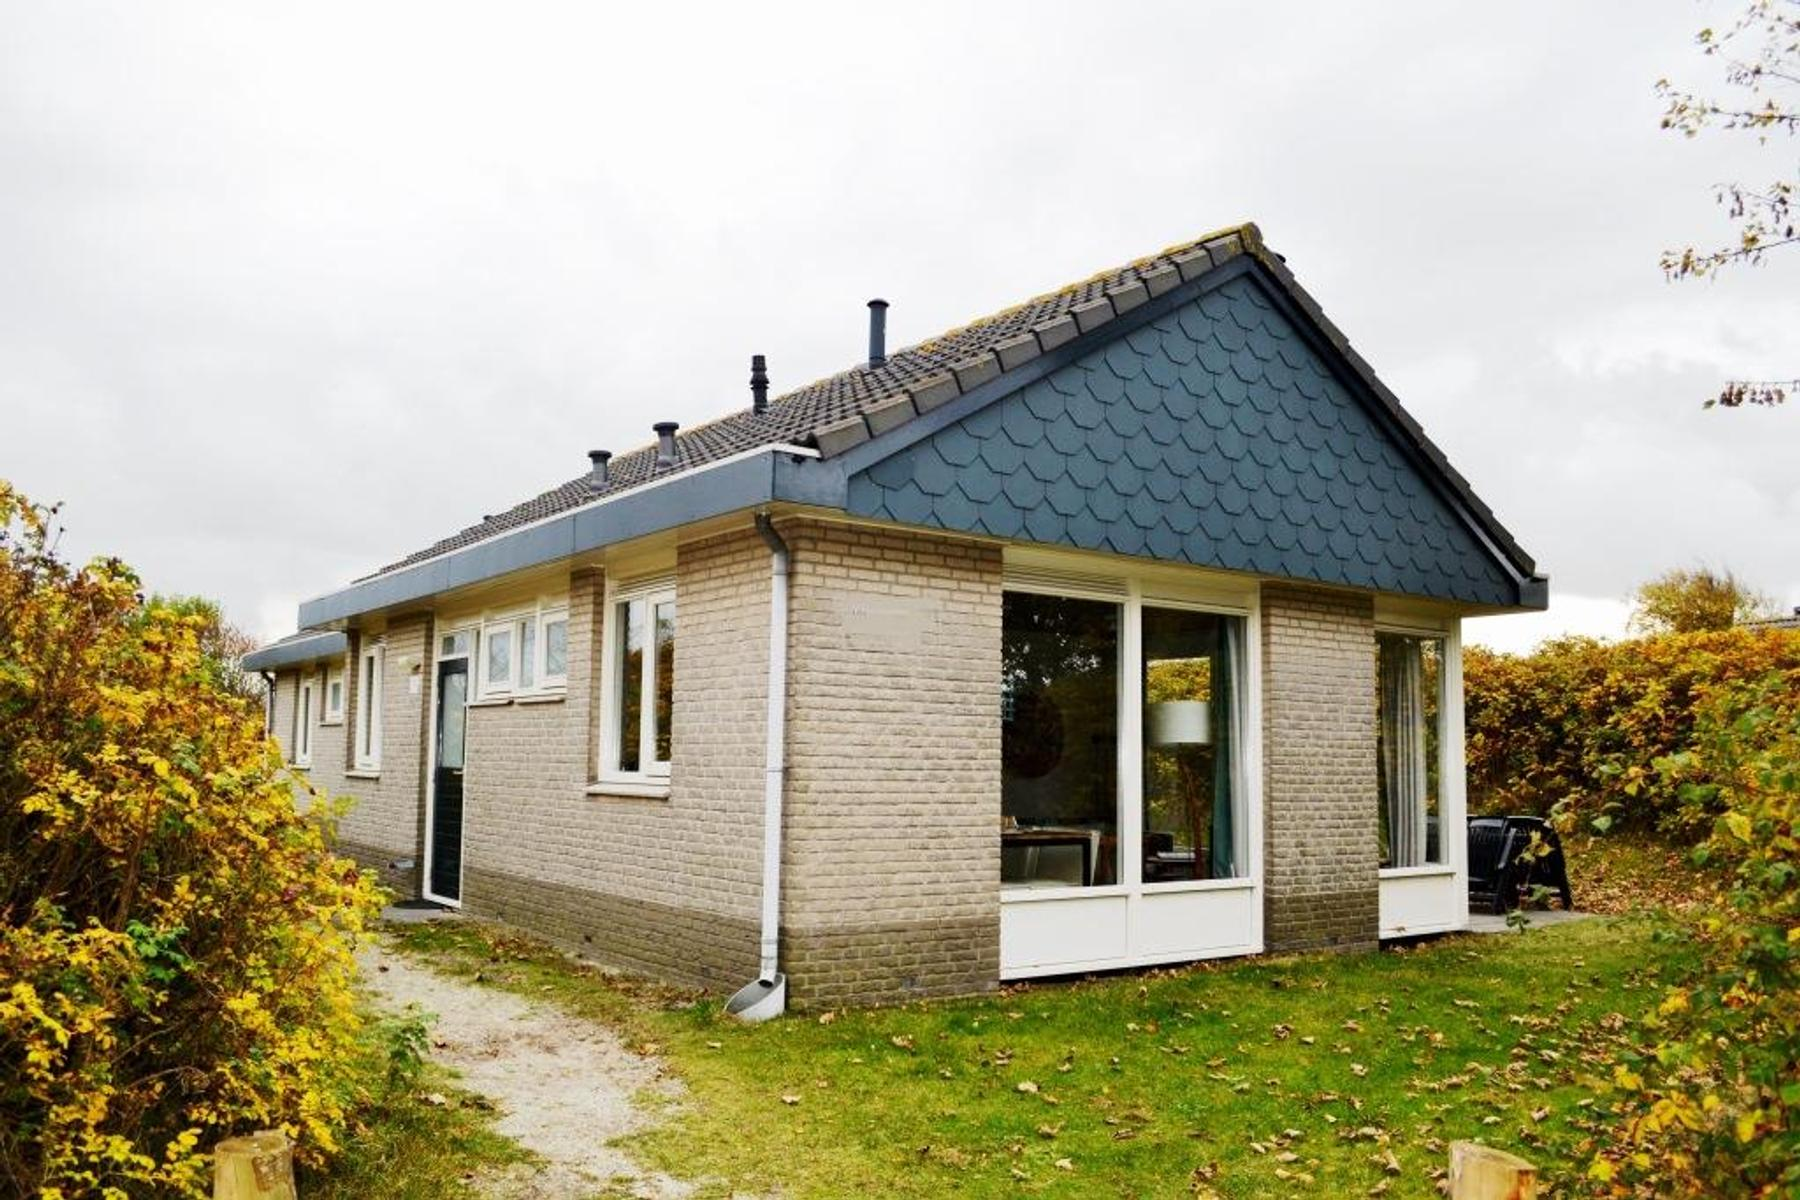 Krimweg 102 035 in De Cocksdorp 1795 LS